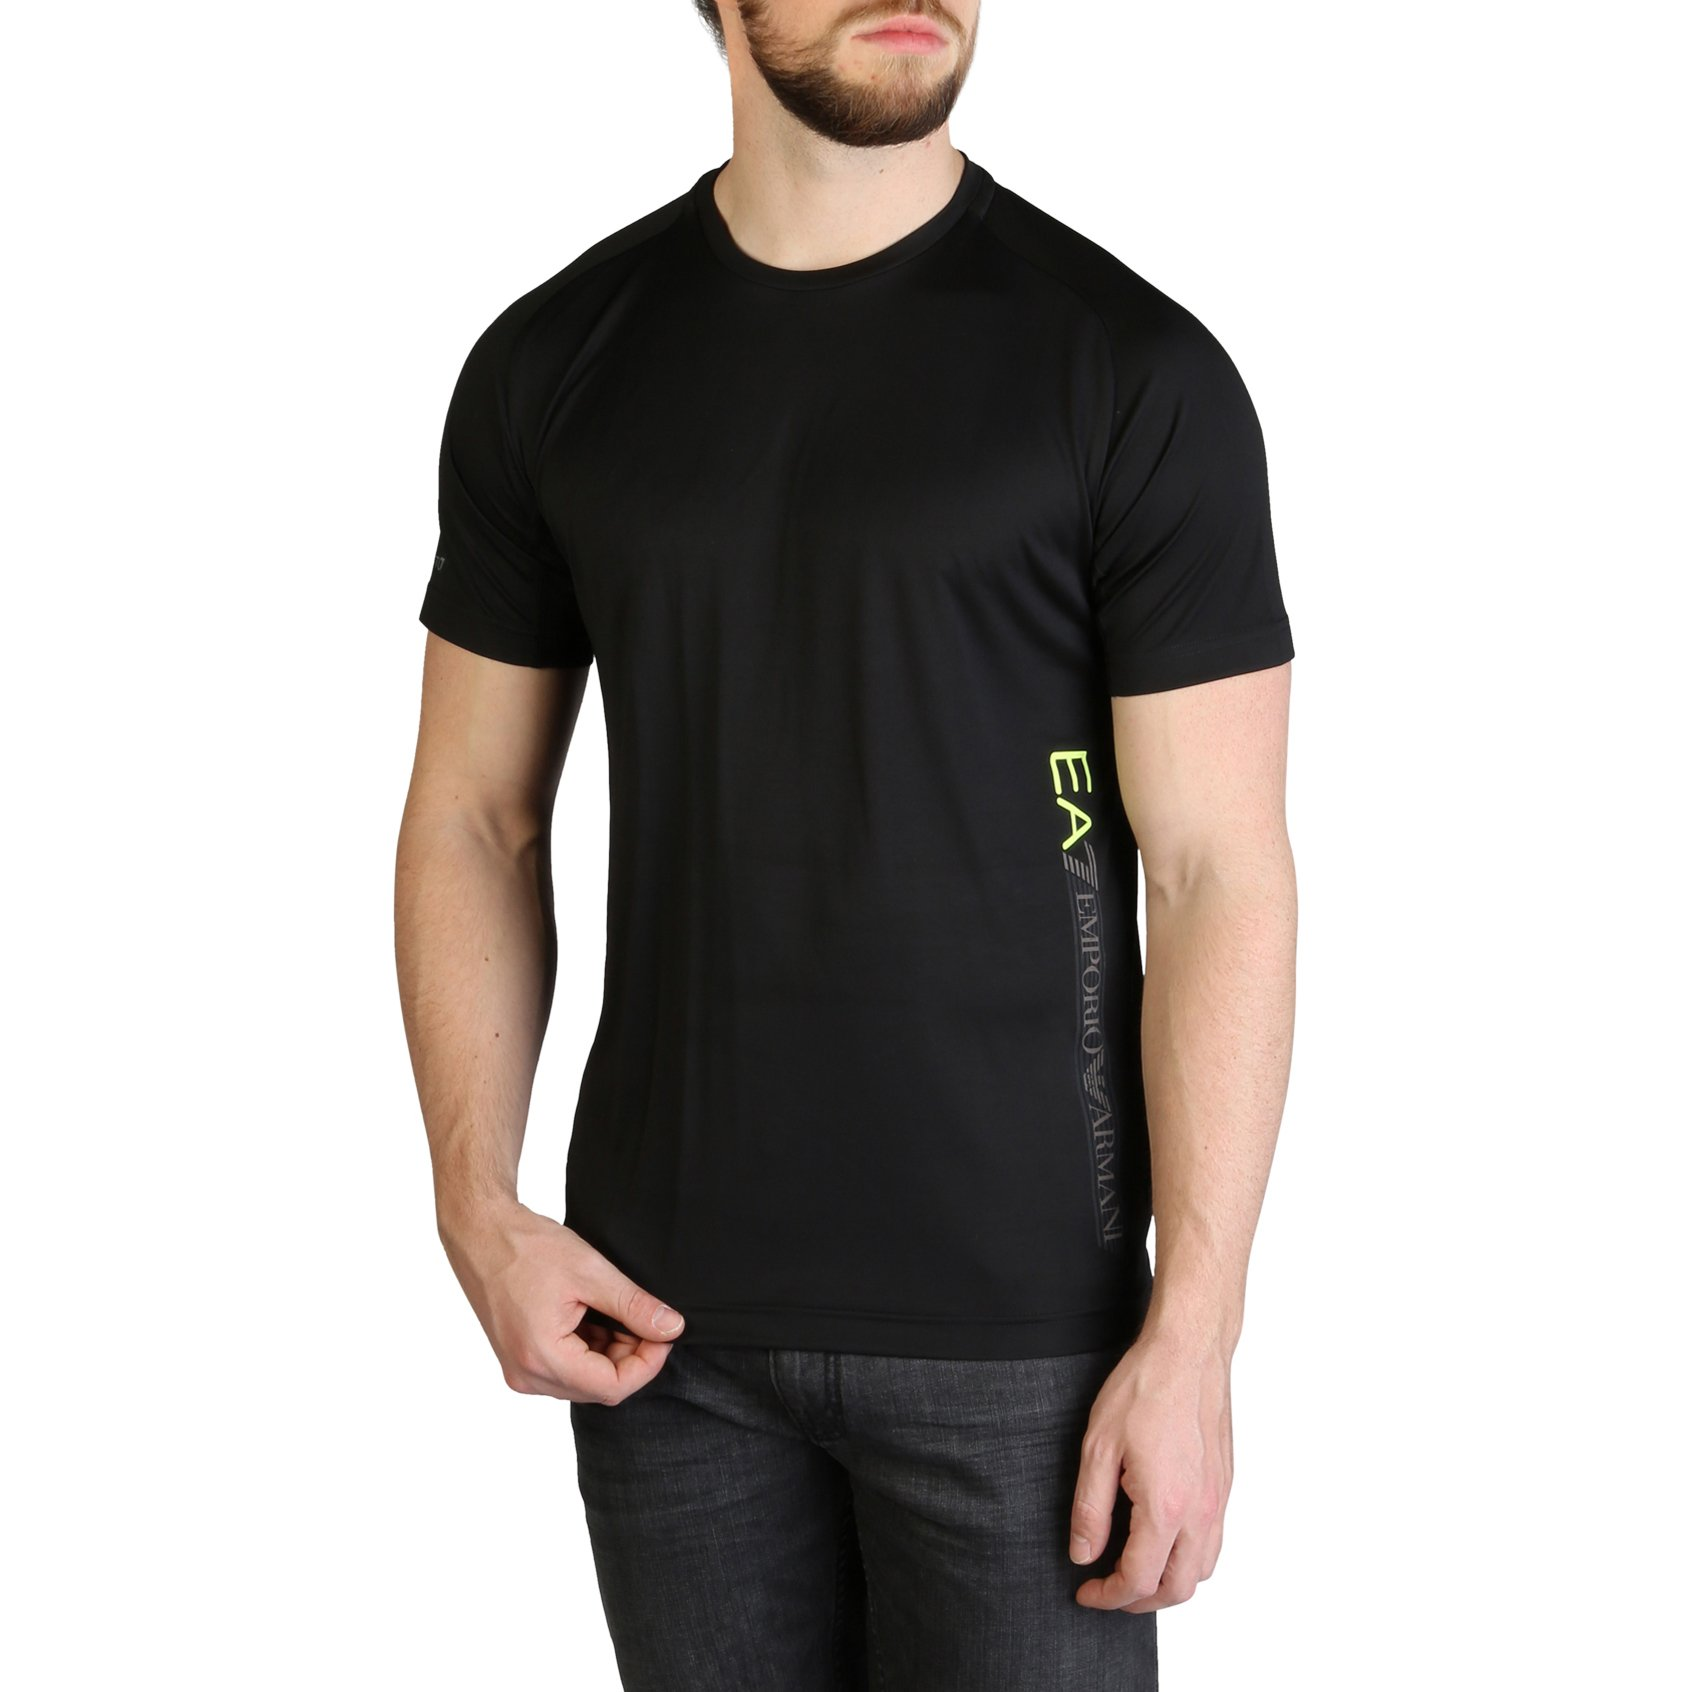 EA7 Men's T-Shirt Various Colours 3GPT44_PJH6Z - black-1 S